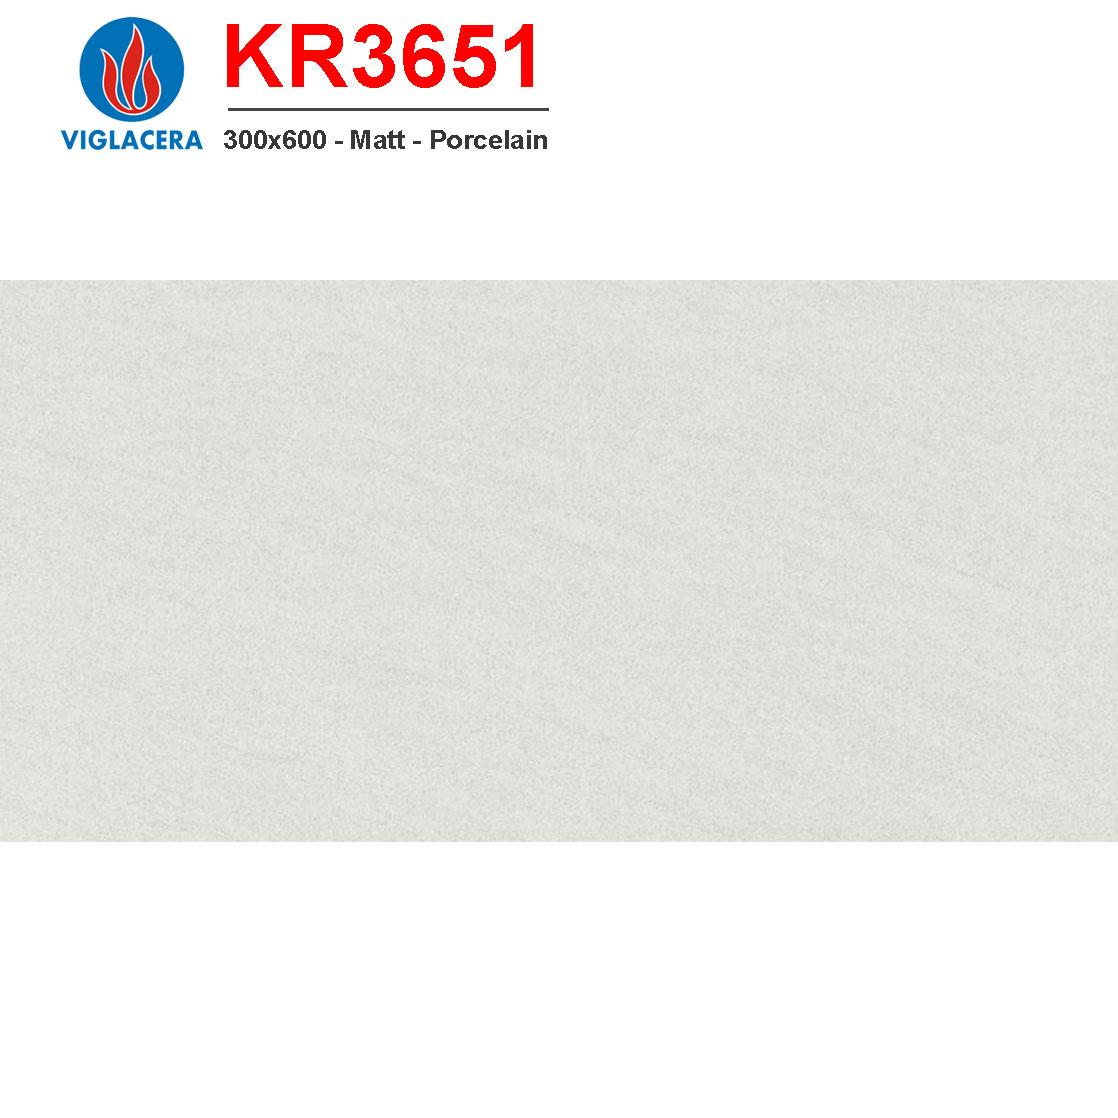 Gạch ốp lát Viglacera 300x600 KR3651 giá rẻ